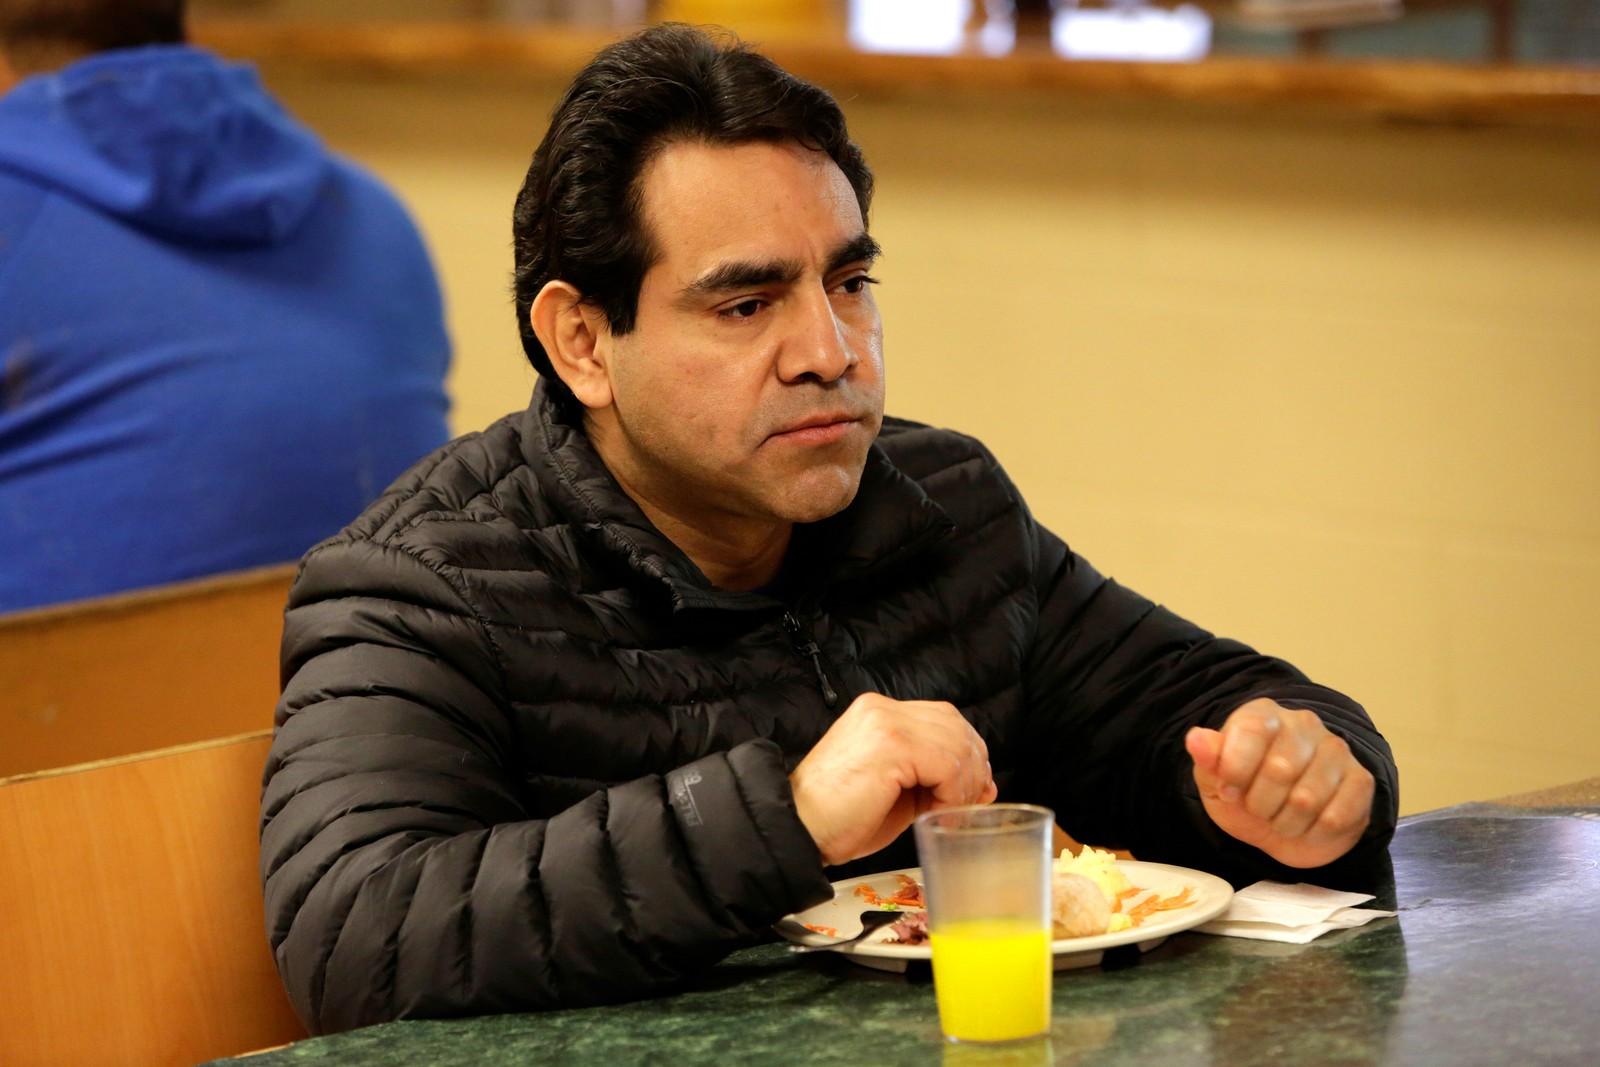 Meksikanske Roberto Beristain spiser på et senter for migranter i Ciudad Juárez i Mexico etter at amerikanske myndigheter sendte han ut av USA. Før dette bodde han i Granger i Indiana hvor han drev en restaurant. Amerikanske medier skriver også at kona hans stemte på Trump.